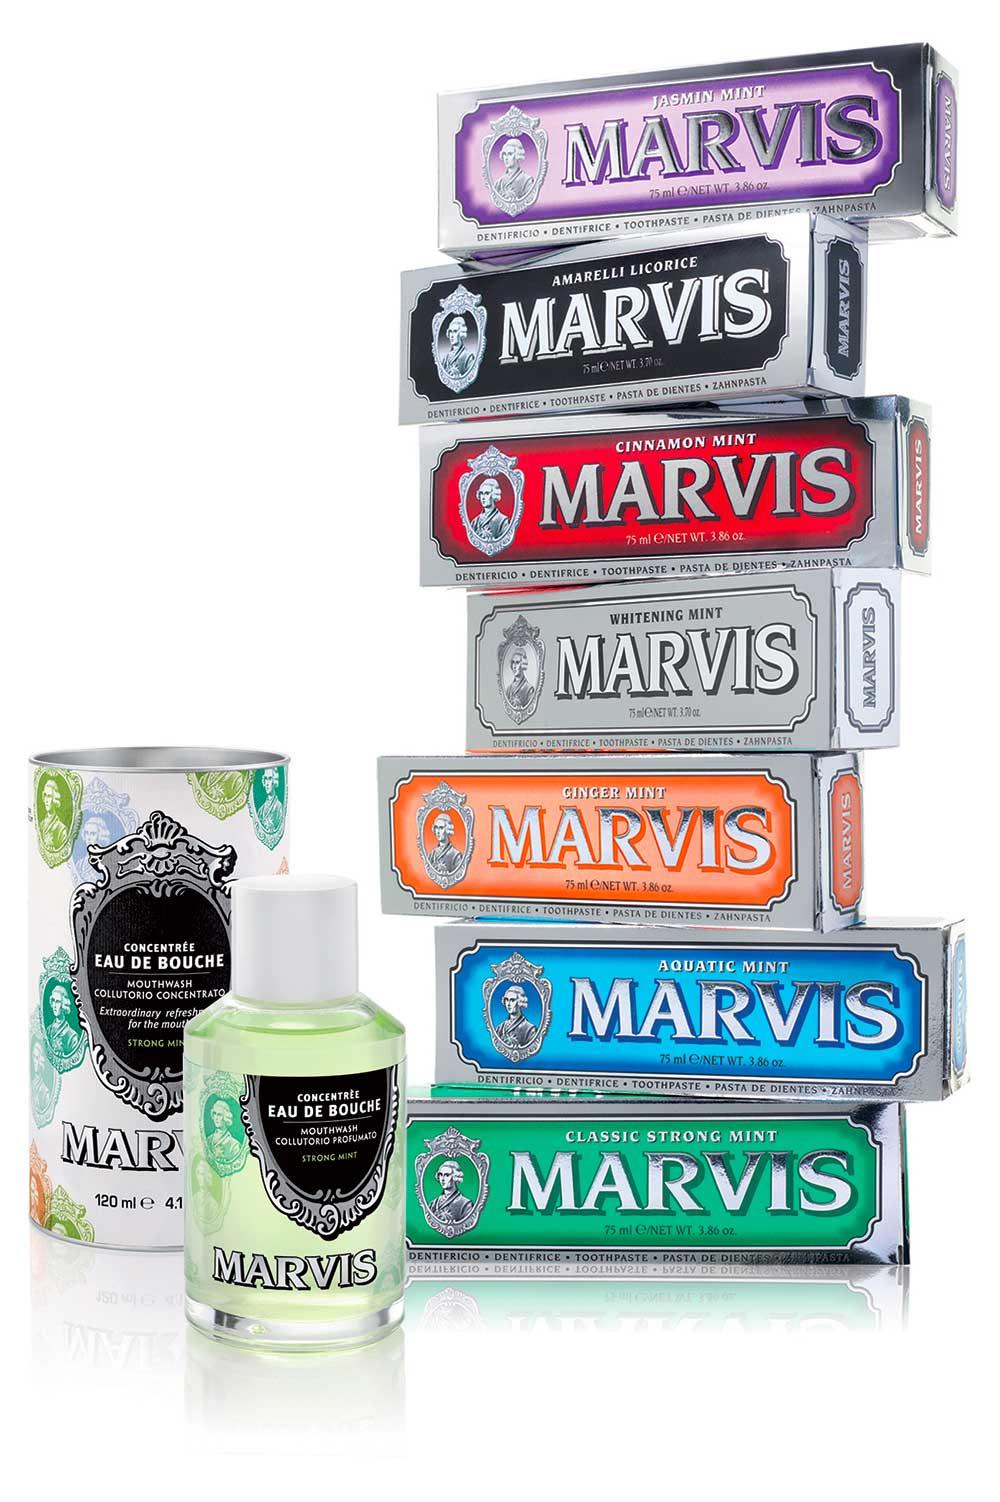 Marvis-gen2013